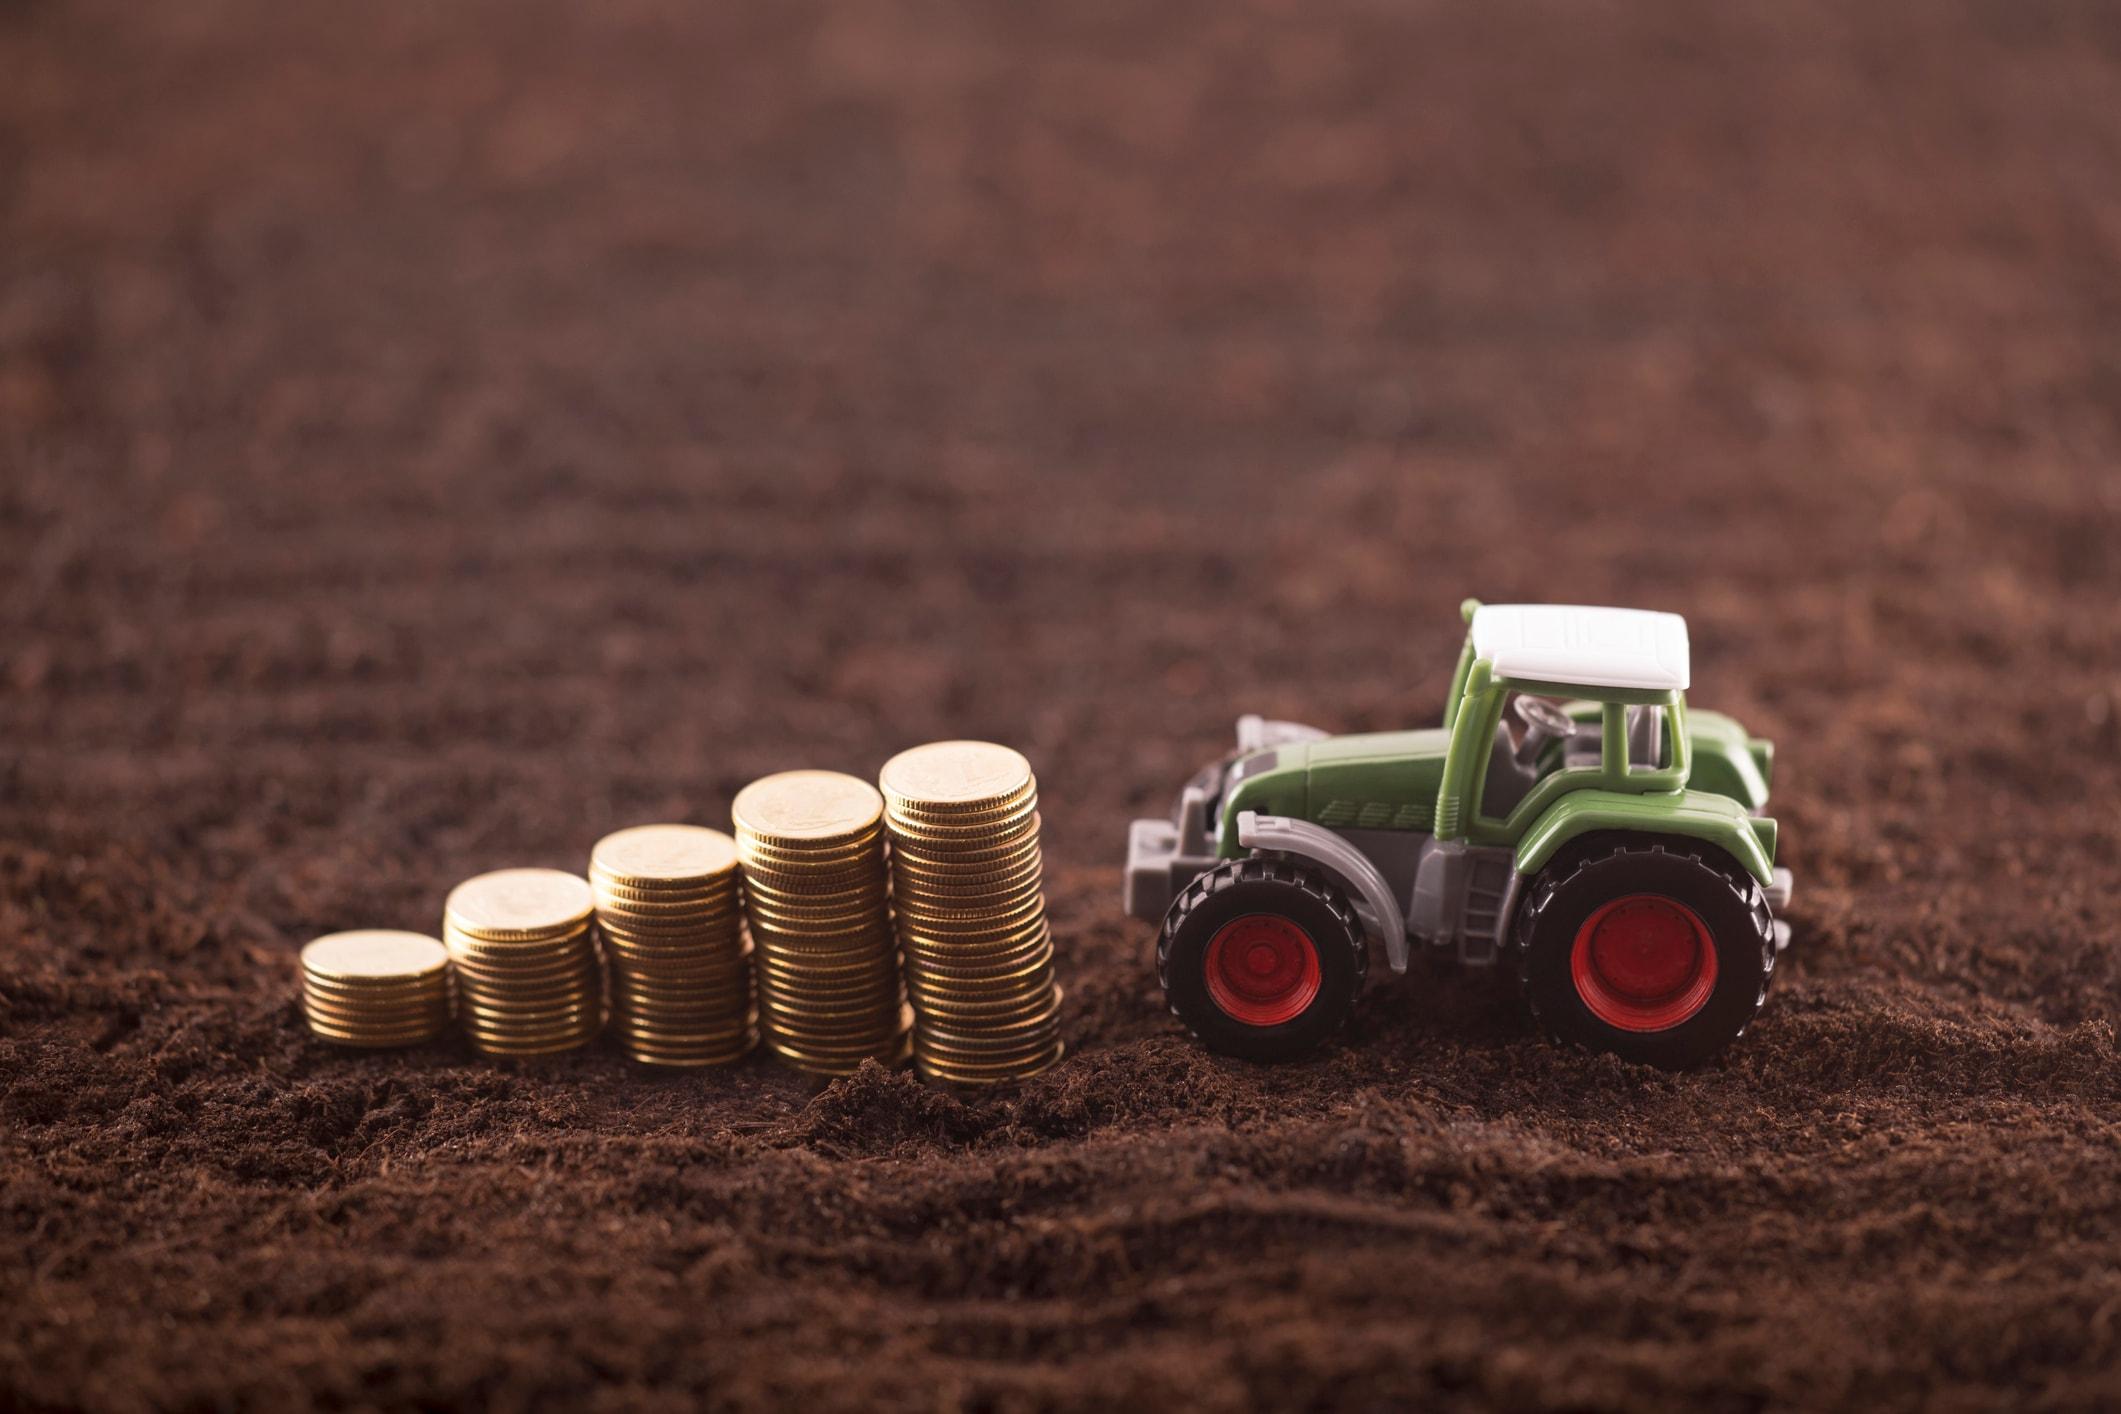 Rabobank Brasil mobiliza R$720 milhões em empréstimos sindicalizados para cooperativas do agronegócio